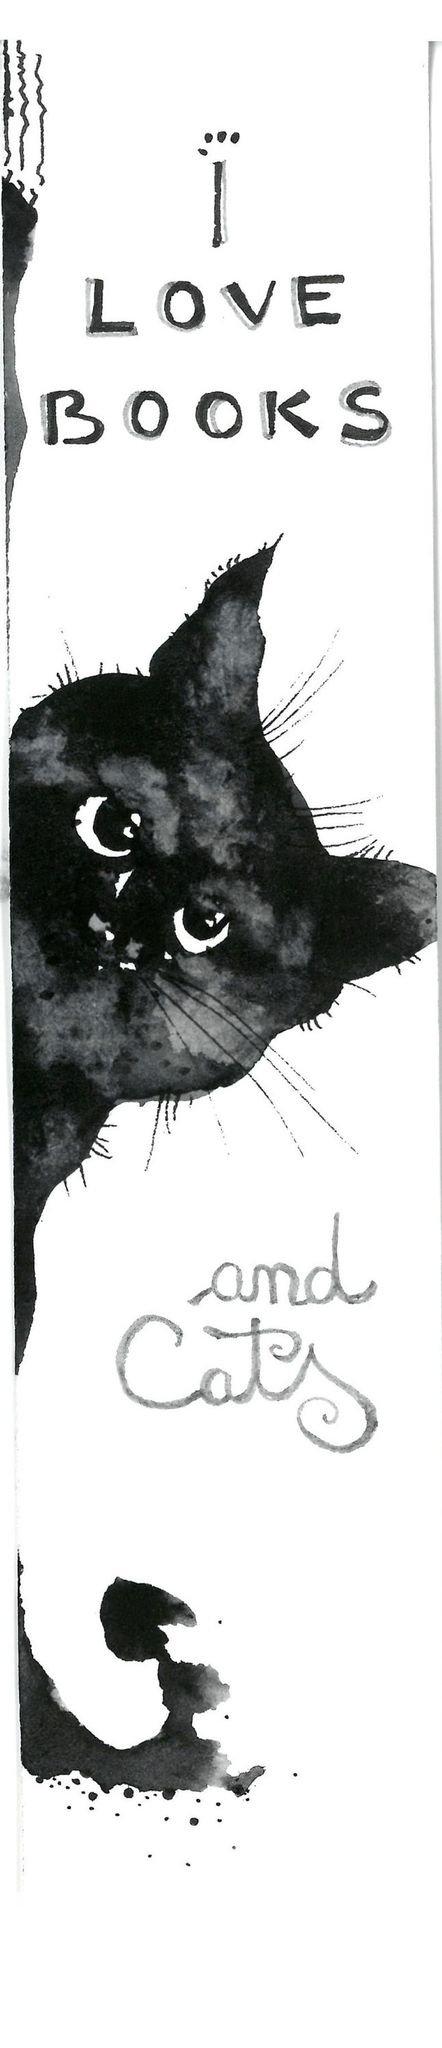 Semne de Carte, Pisici, Ilustratii, Carti, Pictura in Acuarela, Cadou Original, Carte - Nature & Colors Collection